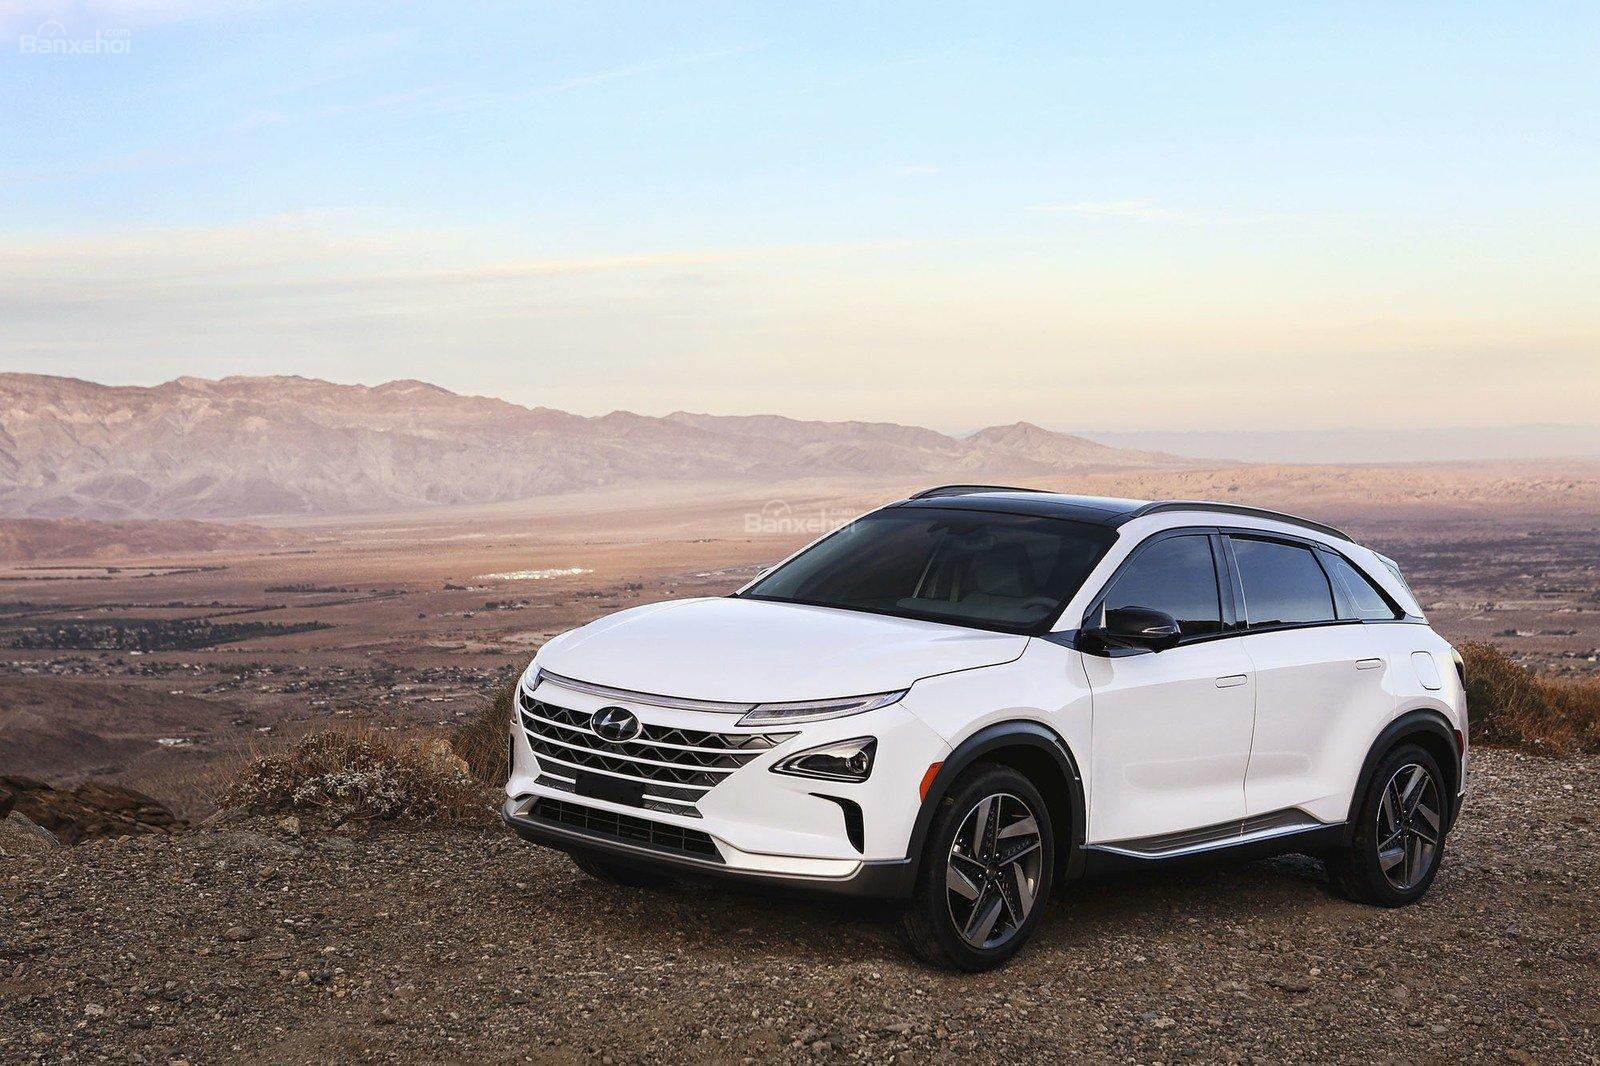 Đánh giá xe Hyundai Nexo 2019: Dáng xe thể thao z